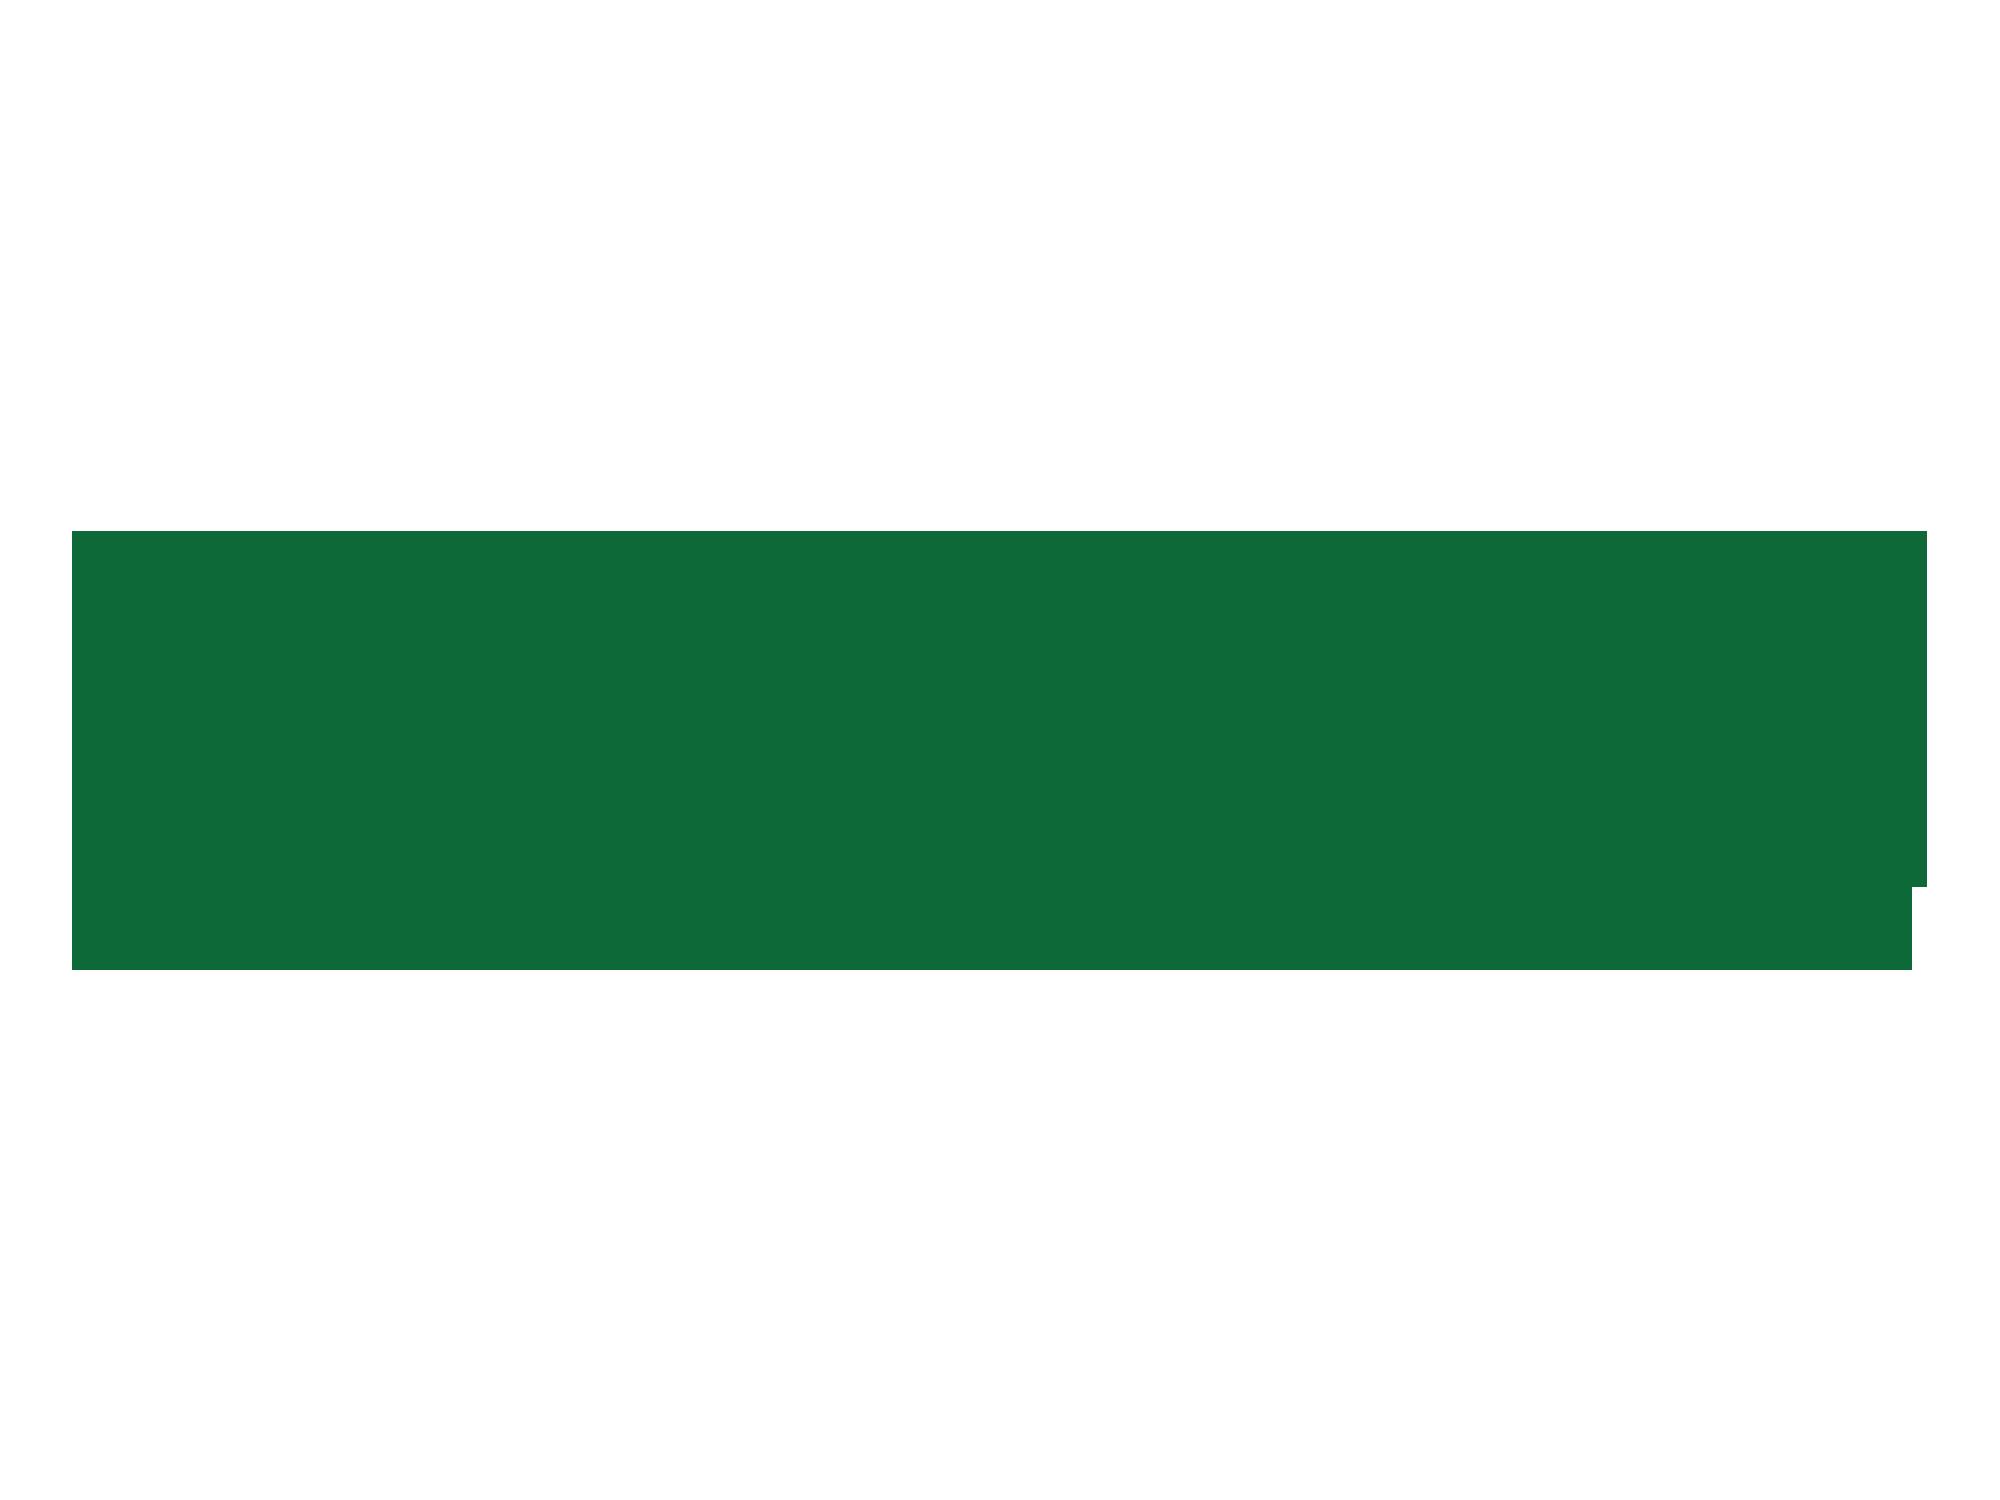 Logo, Speaking Engagement_(Eastern Michigan University) Department of English Language & Literature_mounted_FAV.png